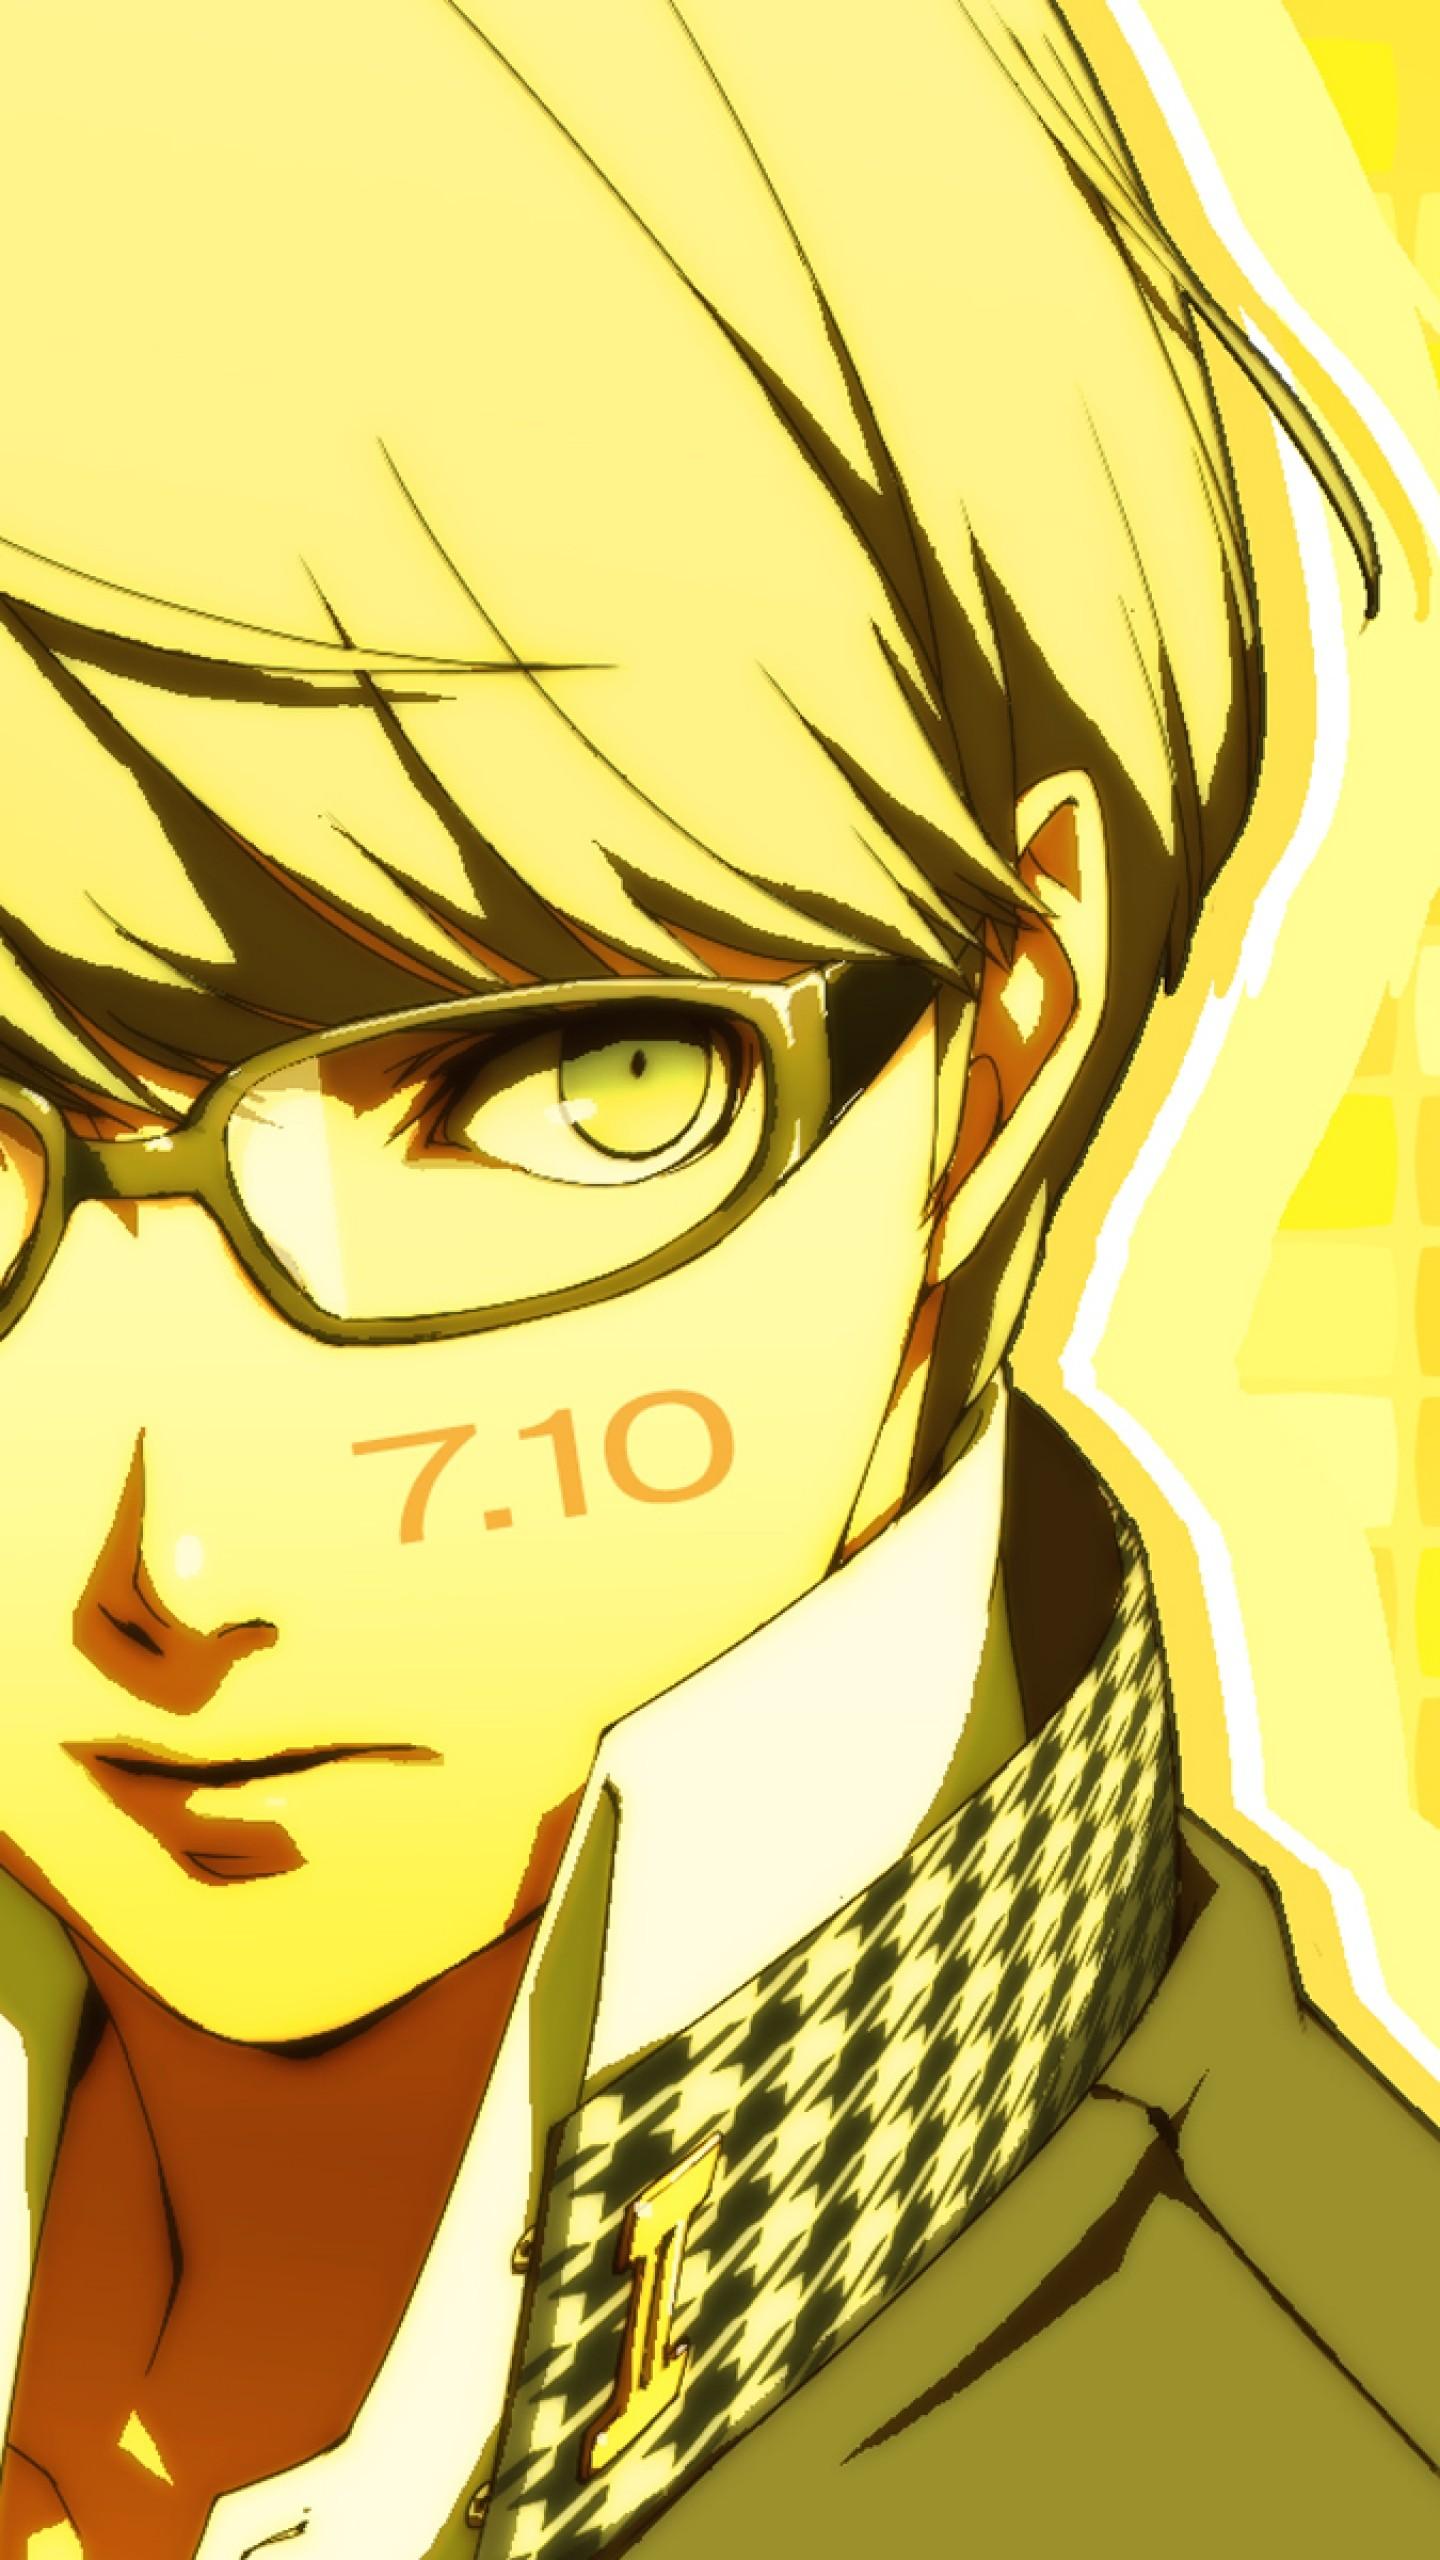 Wallpaper shin megami tensei persona 4, persona, ps2